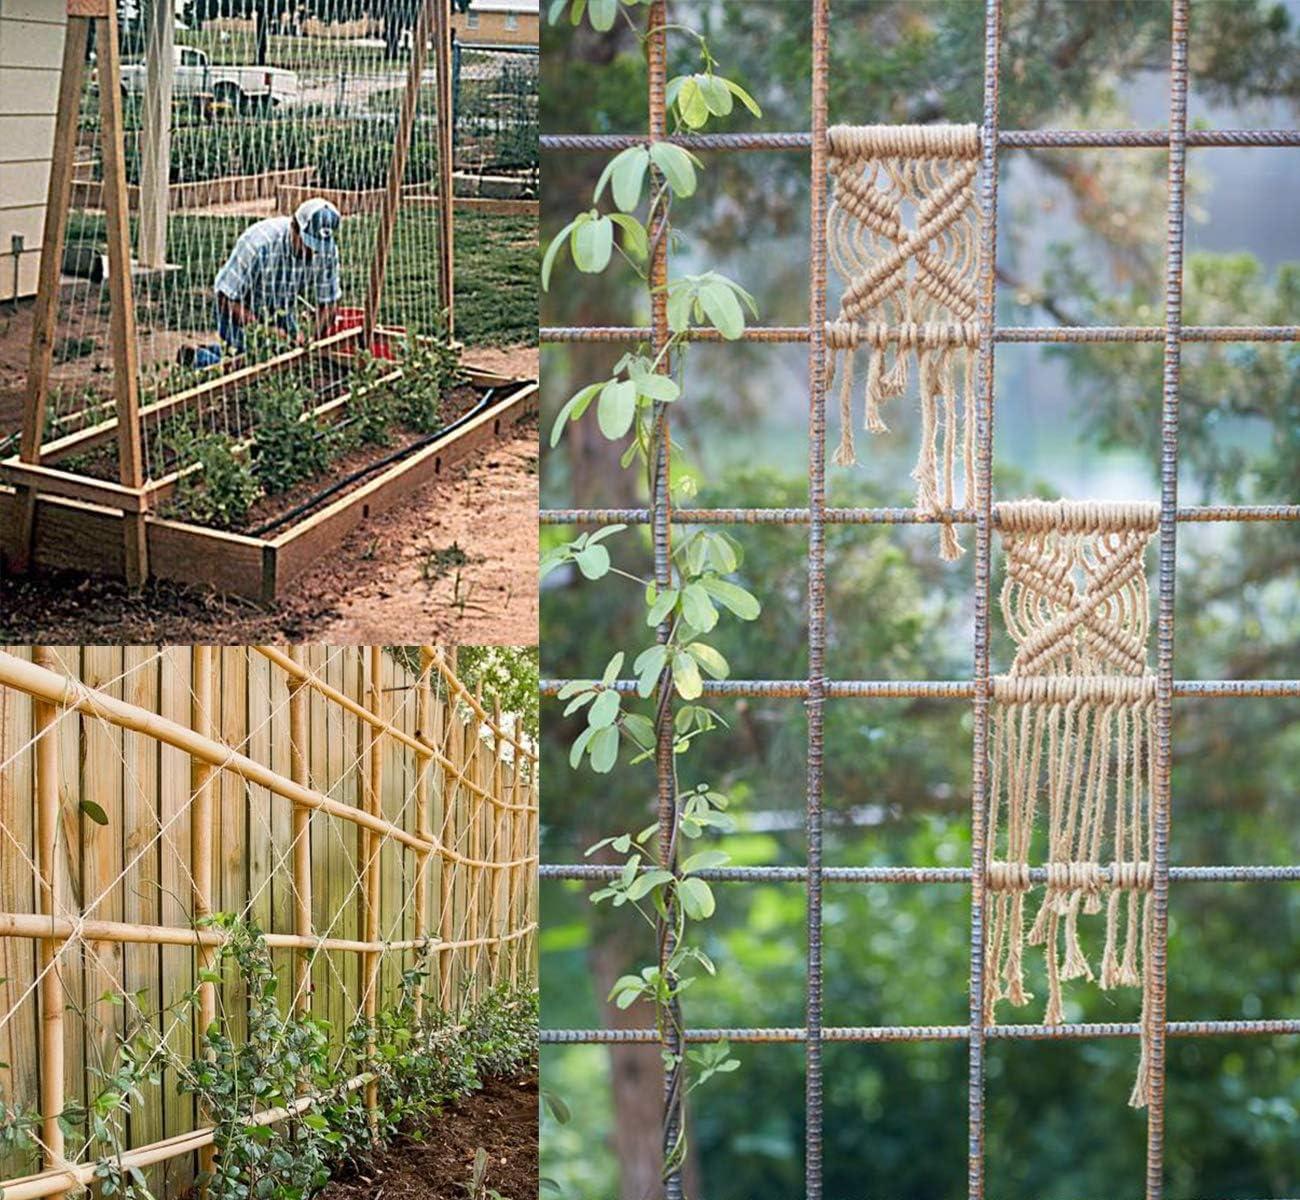 100M Garten Kordel 4 mm JuteSchnur Absofine Nat/ürliche Jute Bastelschnur f/ür Haushalt Garten DIY Kunsthandwerk Dekoration